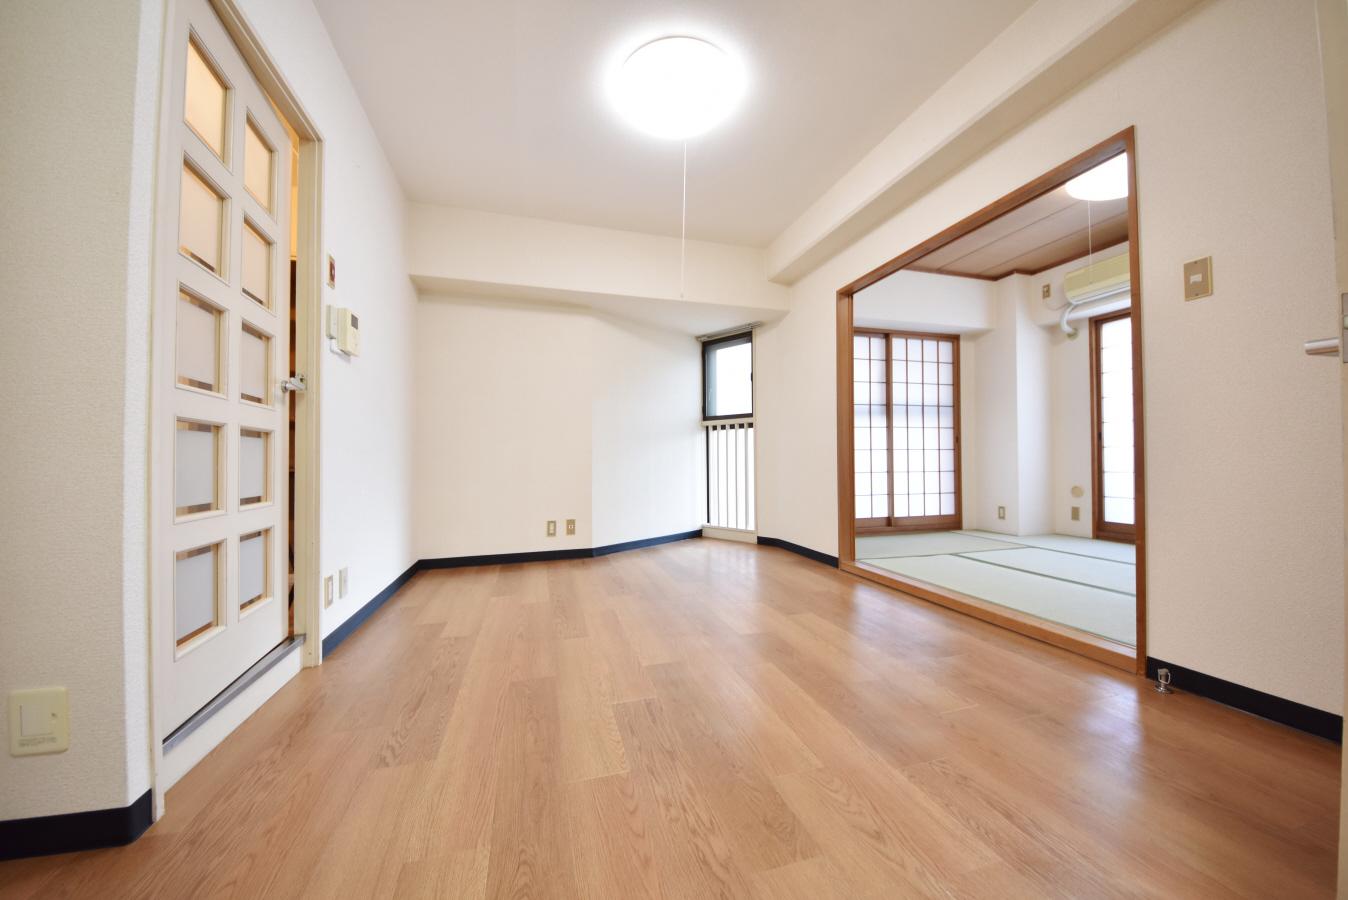 物件番号: 1025804299 三宮ハウス  神戸市中央区小野柄通3丁目 2DK マンション 画像1